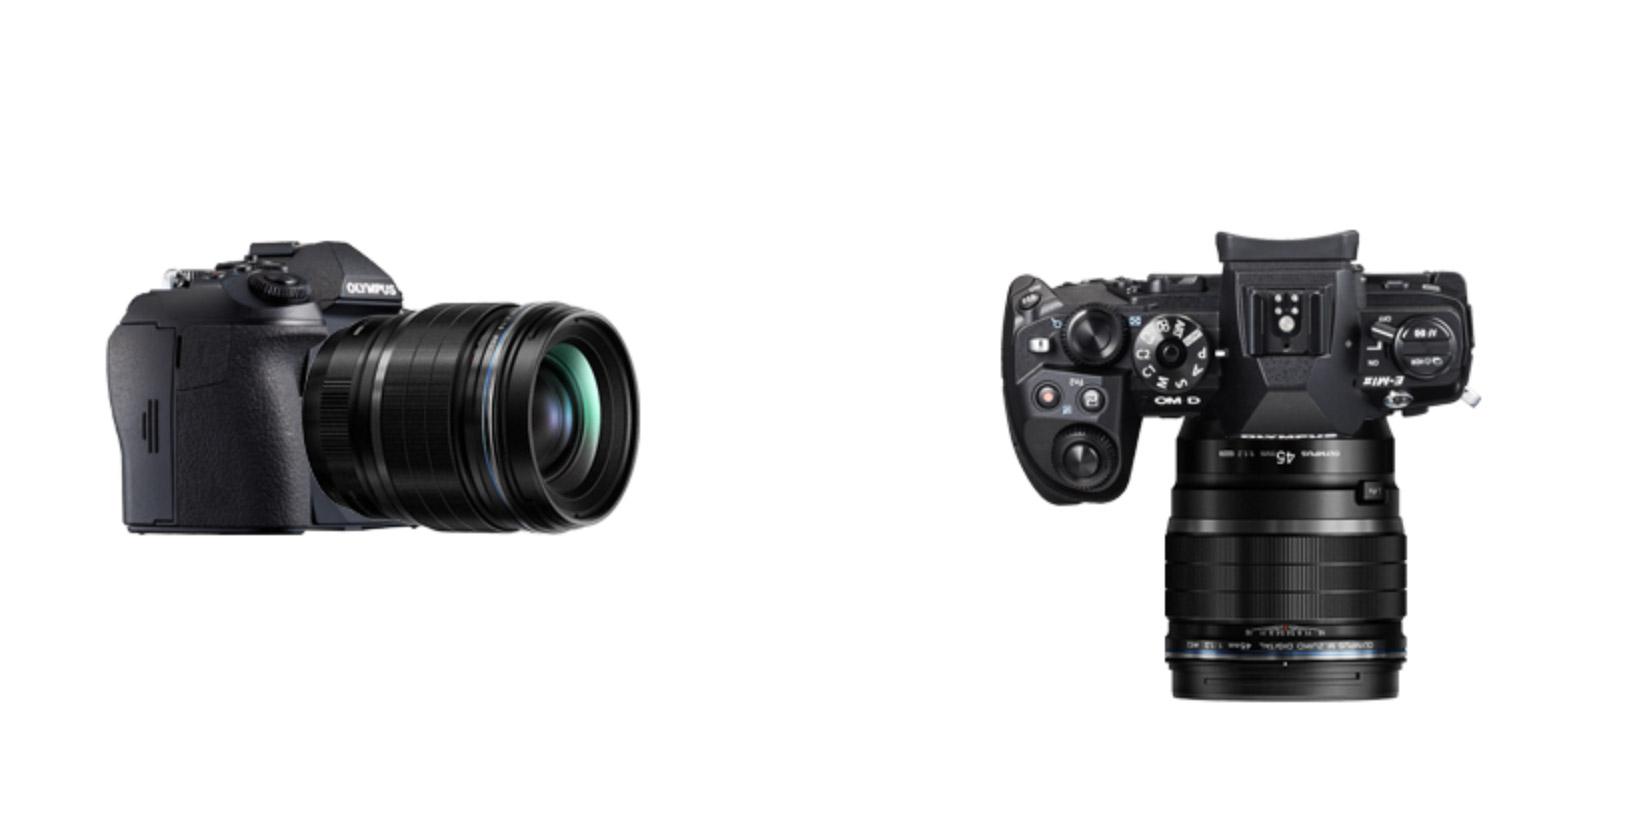 45mm - 45mm F1.2 PROと17mm F1.2 PROがマッチングシミュレーションに追加されました